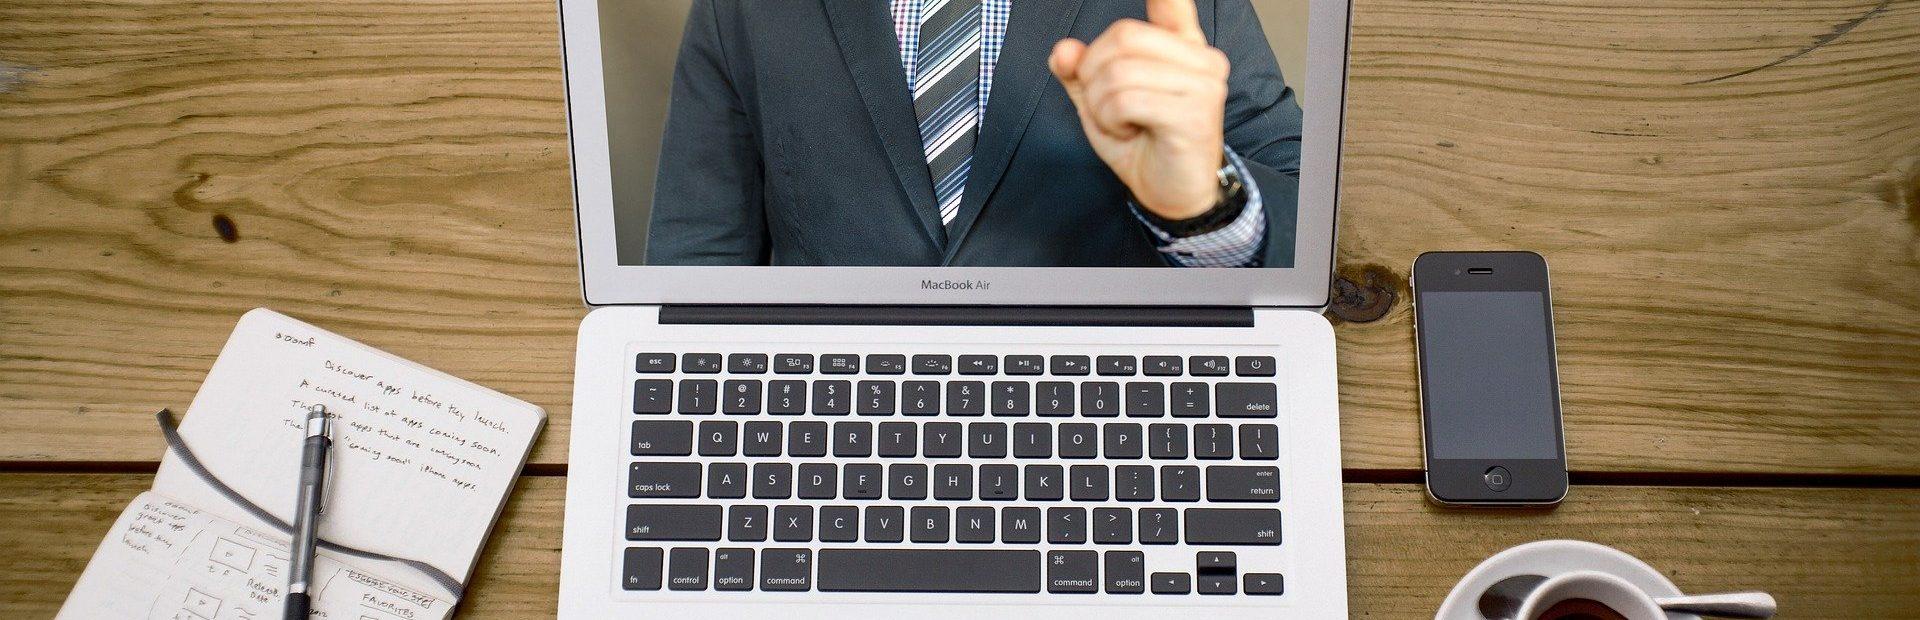 Auf einem Tisch stehen Laptop, Block und Stift, eine Tasse Kaffee und ein Smartphone. Auf dem Laptop läuft eine Videokonferenz.